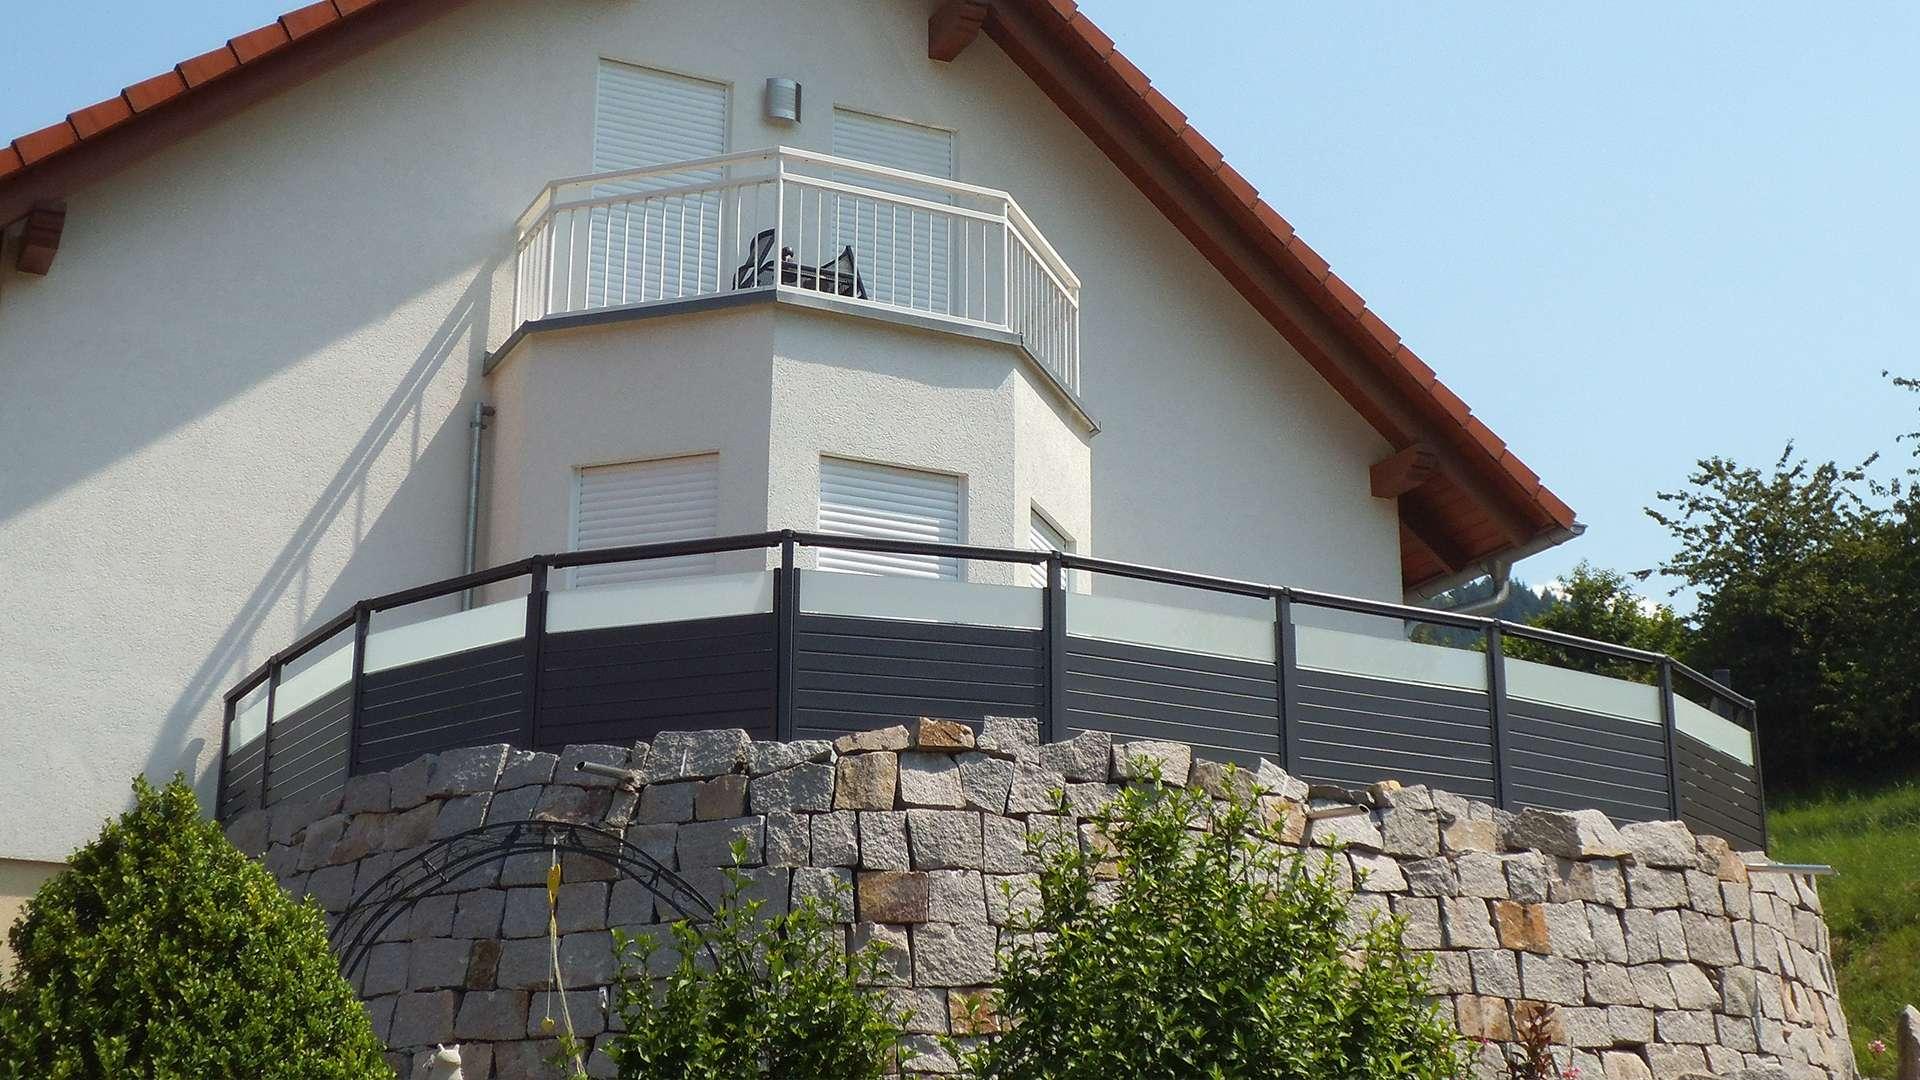 Balkon mit Alu-Geländer an einem Einfamilienhaus